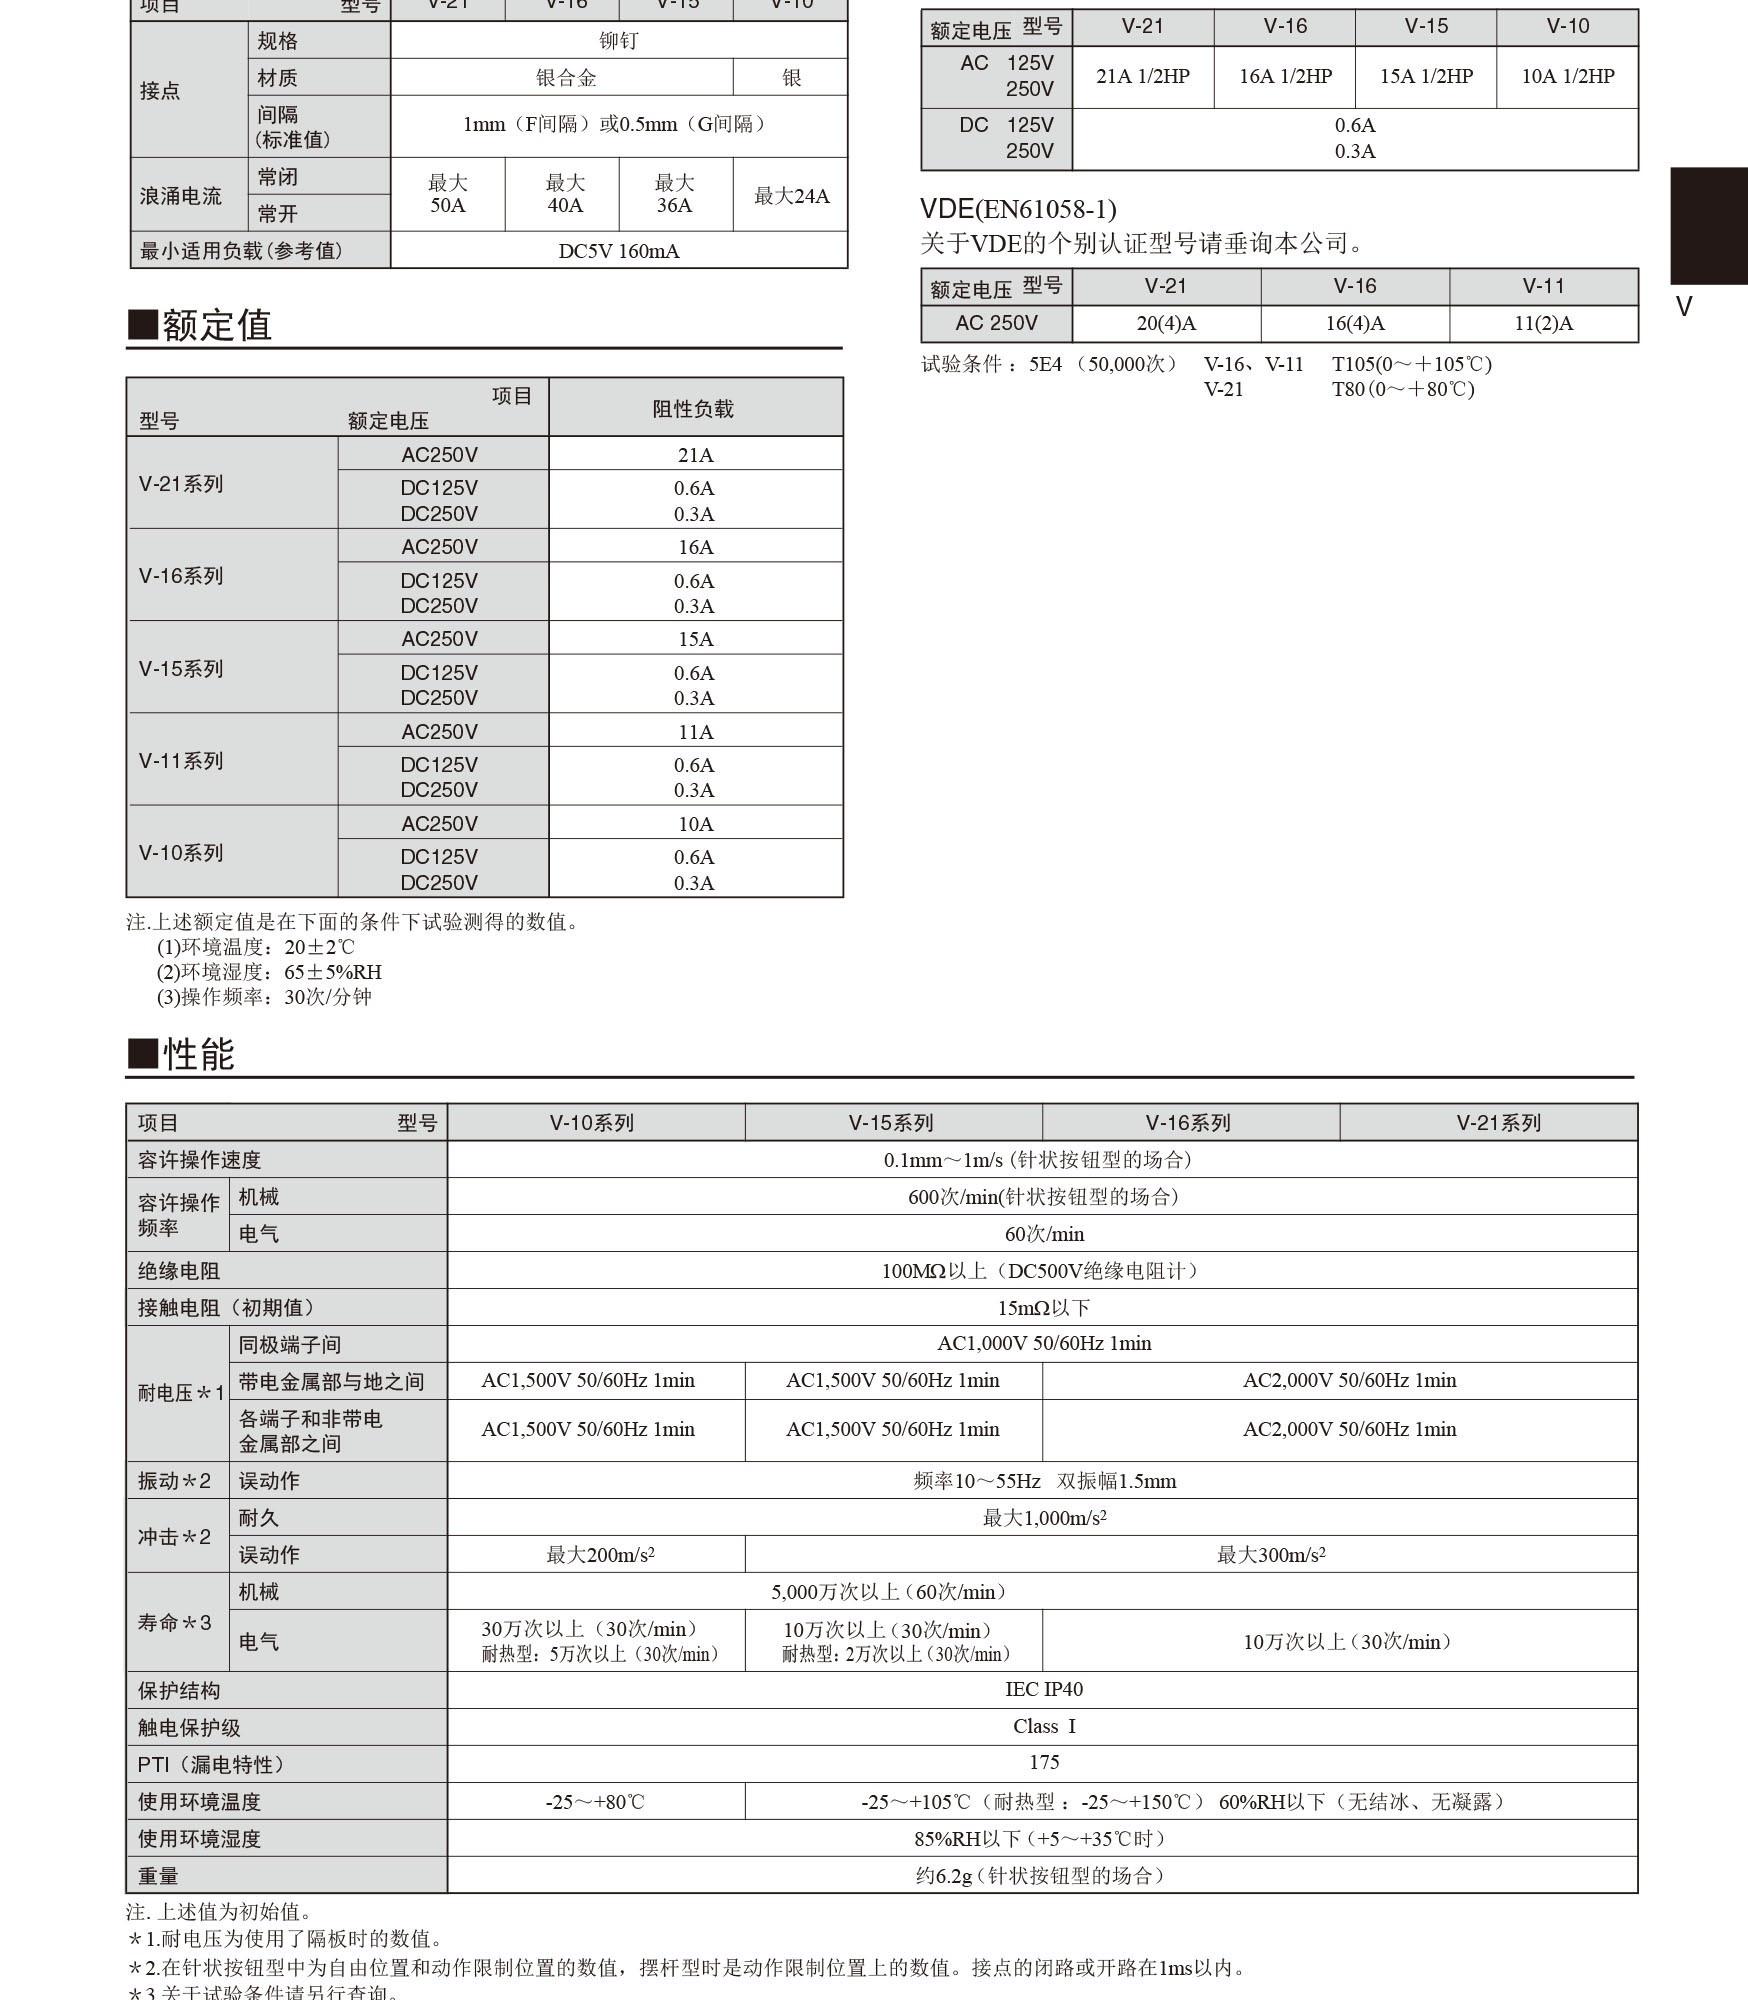 欧姆龙开关,V-15系列产品的详情描述和具体参数资料